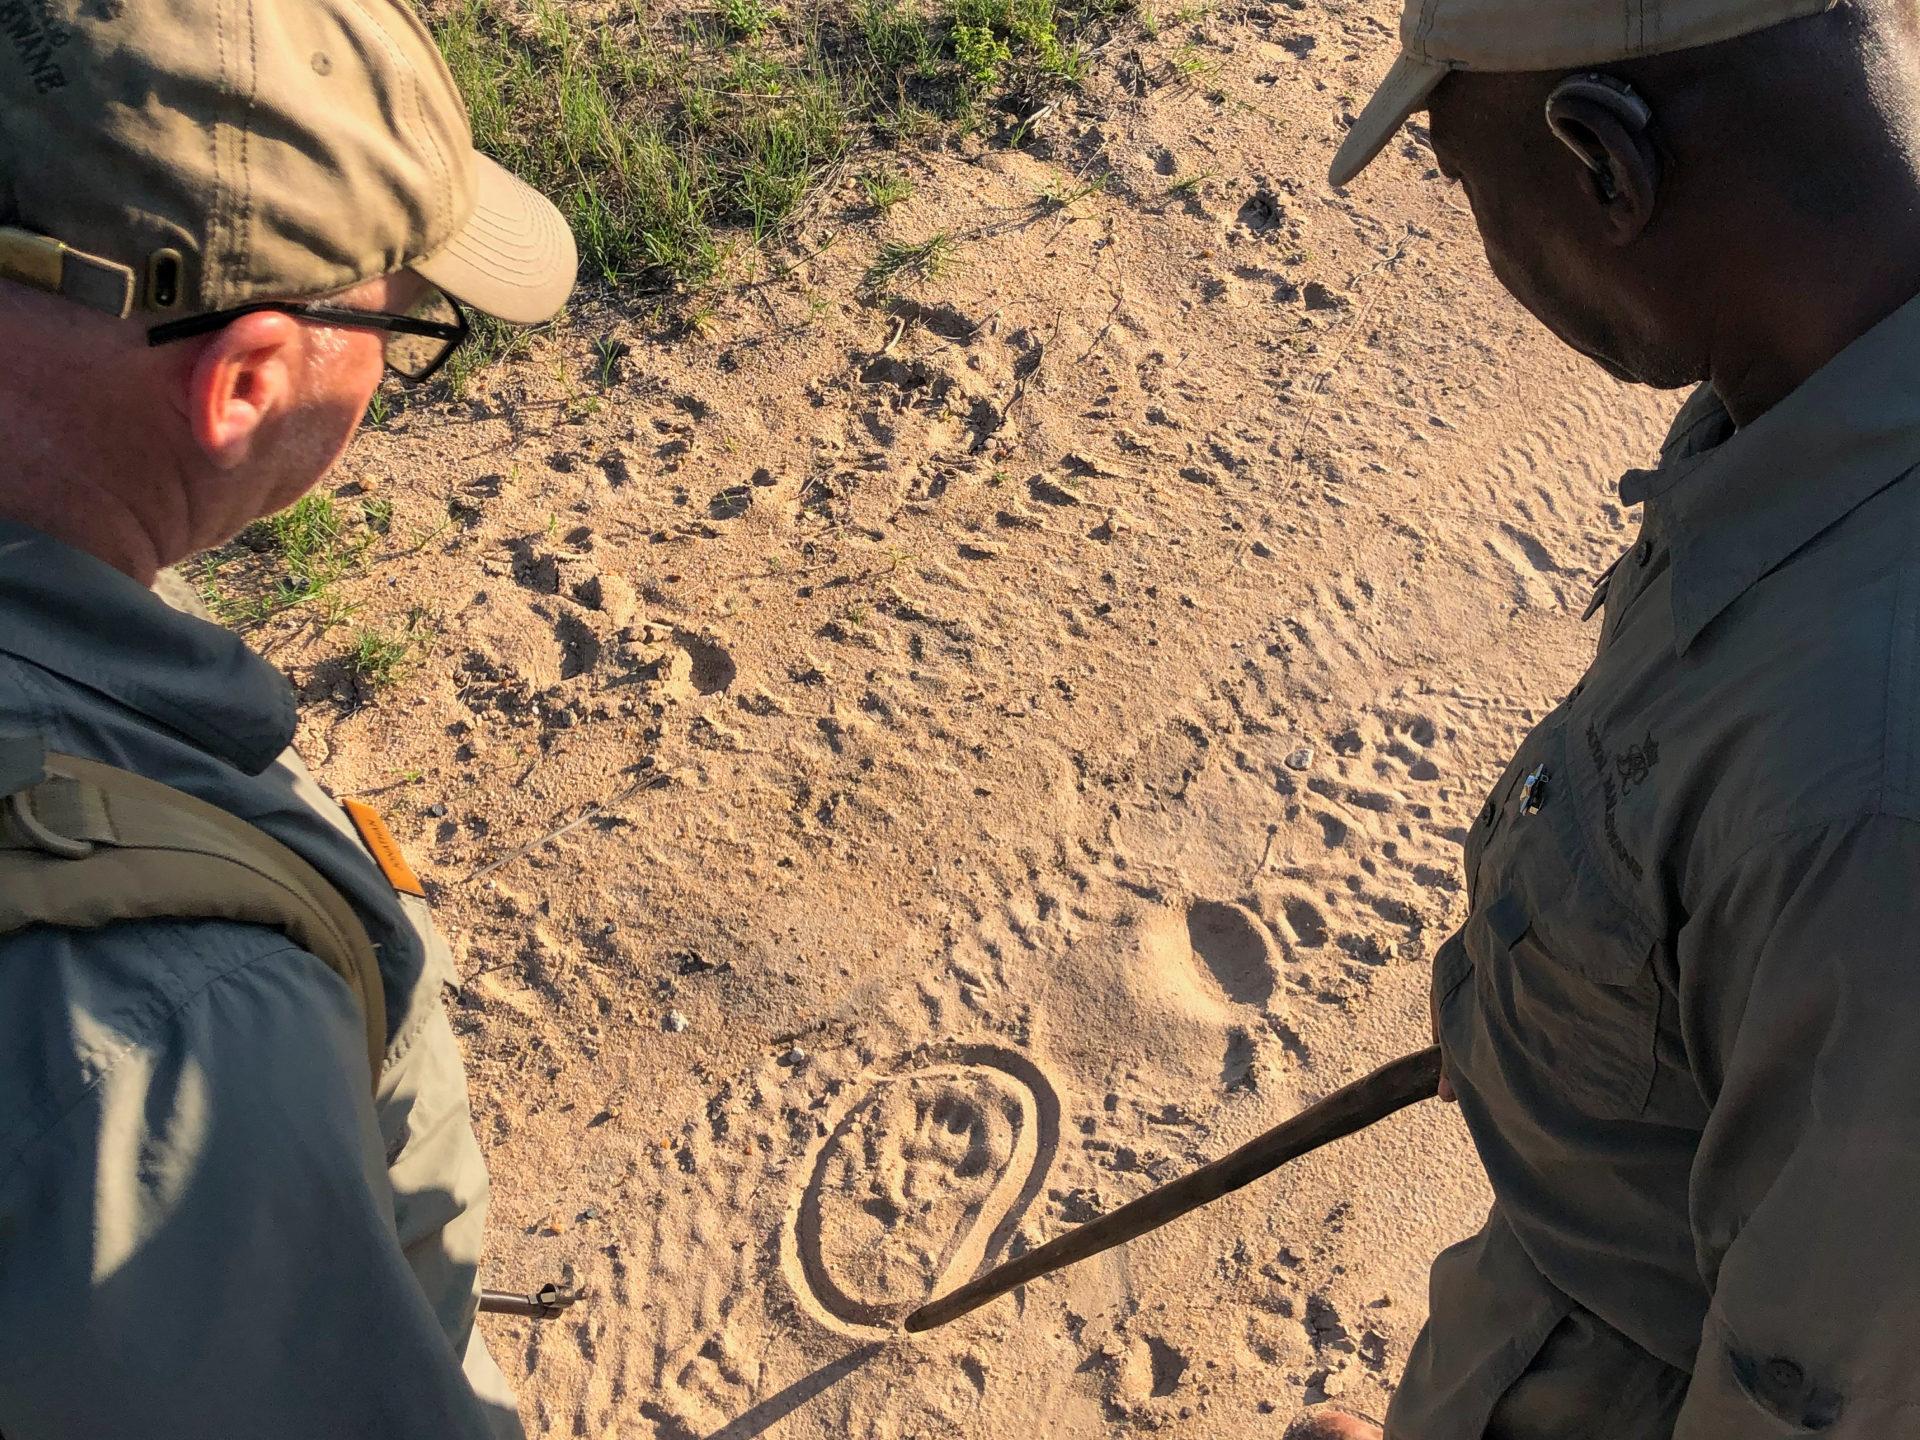 Master Tracker Jonas umkreist eine Tierspur.